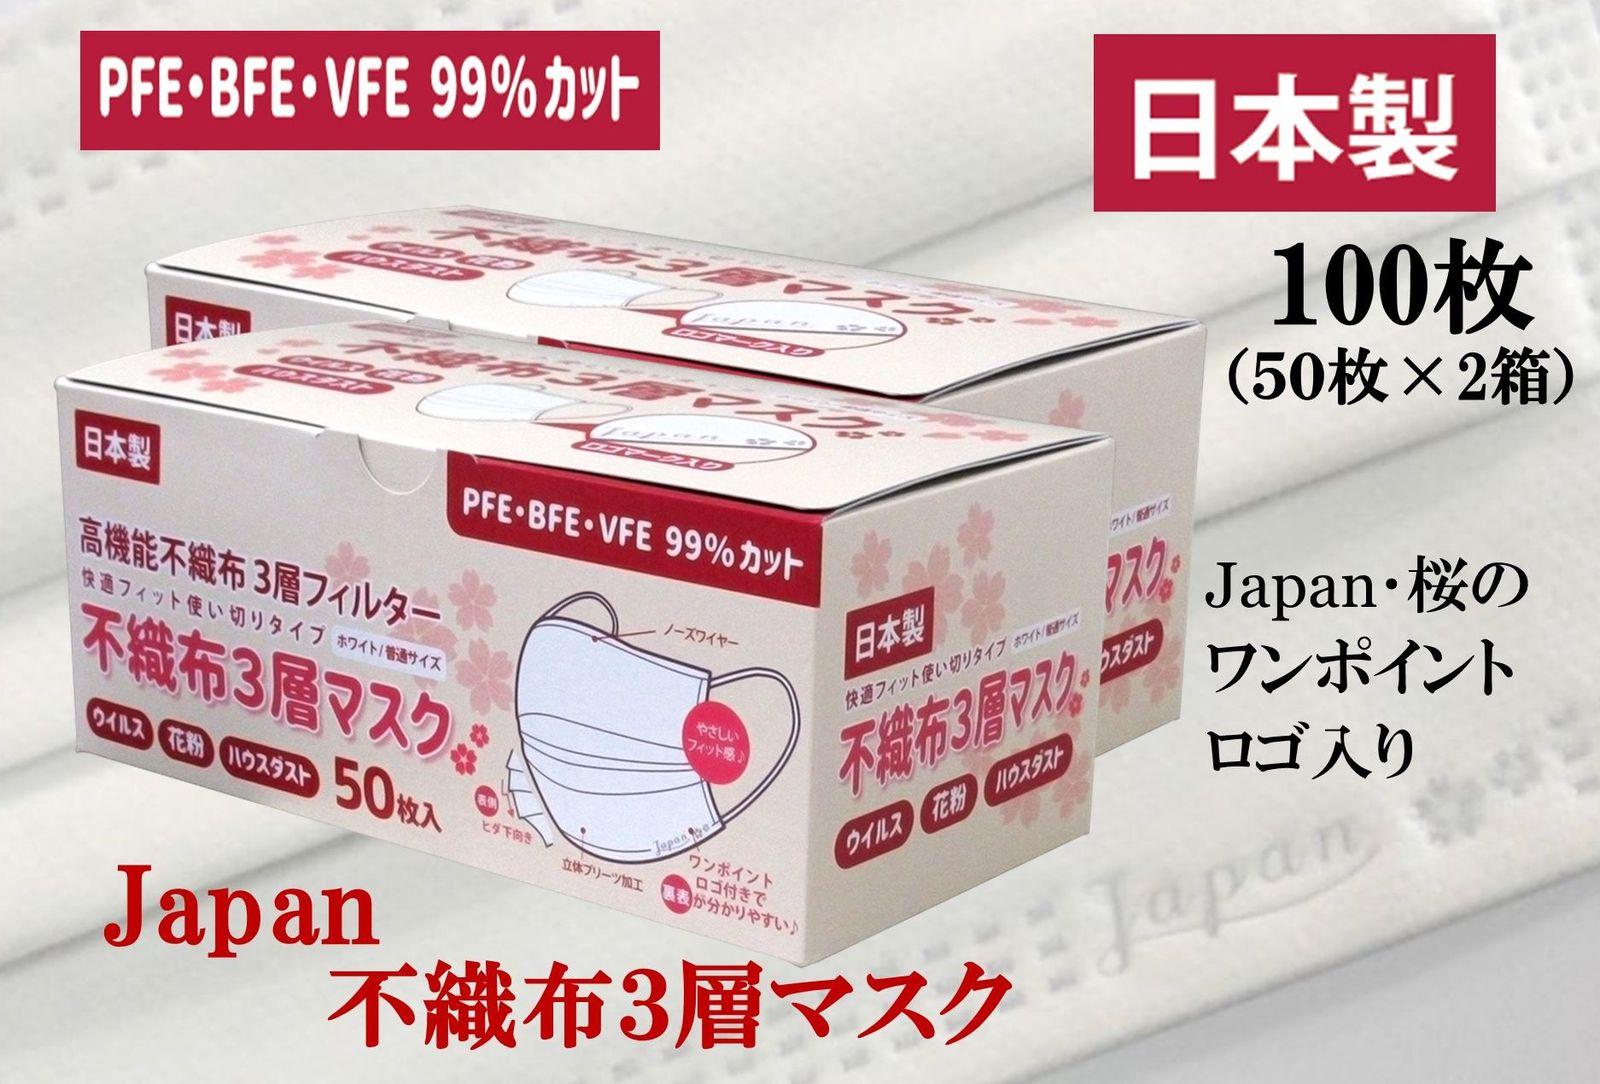 セール開催中最短即日発送 上品なさくらデザインパッケージ Japan 桜 可愛いロゴ入りで表裏が分かりやすい安心の日本製 自社工場製造 快適で優しいフィット感ある 使い切り不織布マスクです 100枚 不織布 日本製 マスク ワンポイント 舗 ロゴ入り 可愛い 日本産 肌に優しい売れ筋 立体 高機能 99%カット 日本製マスク 50枚×2箱 国産マスク 不織布マスク 呼吸しやすい 耳が痛くならない 快適フィット 使い捨てマスク プリーツ